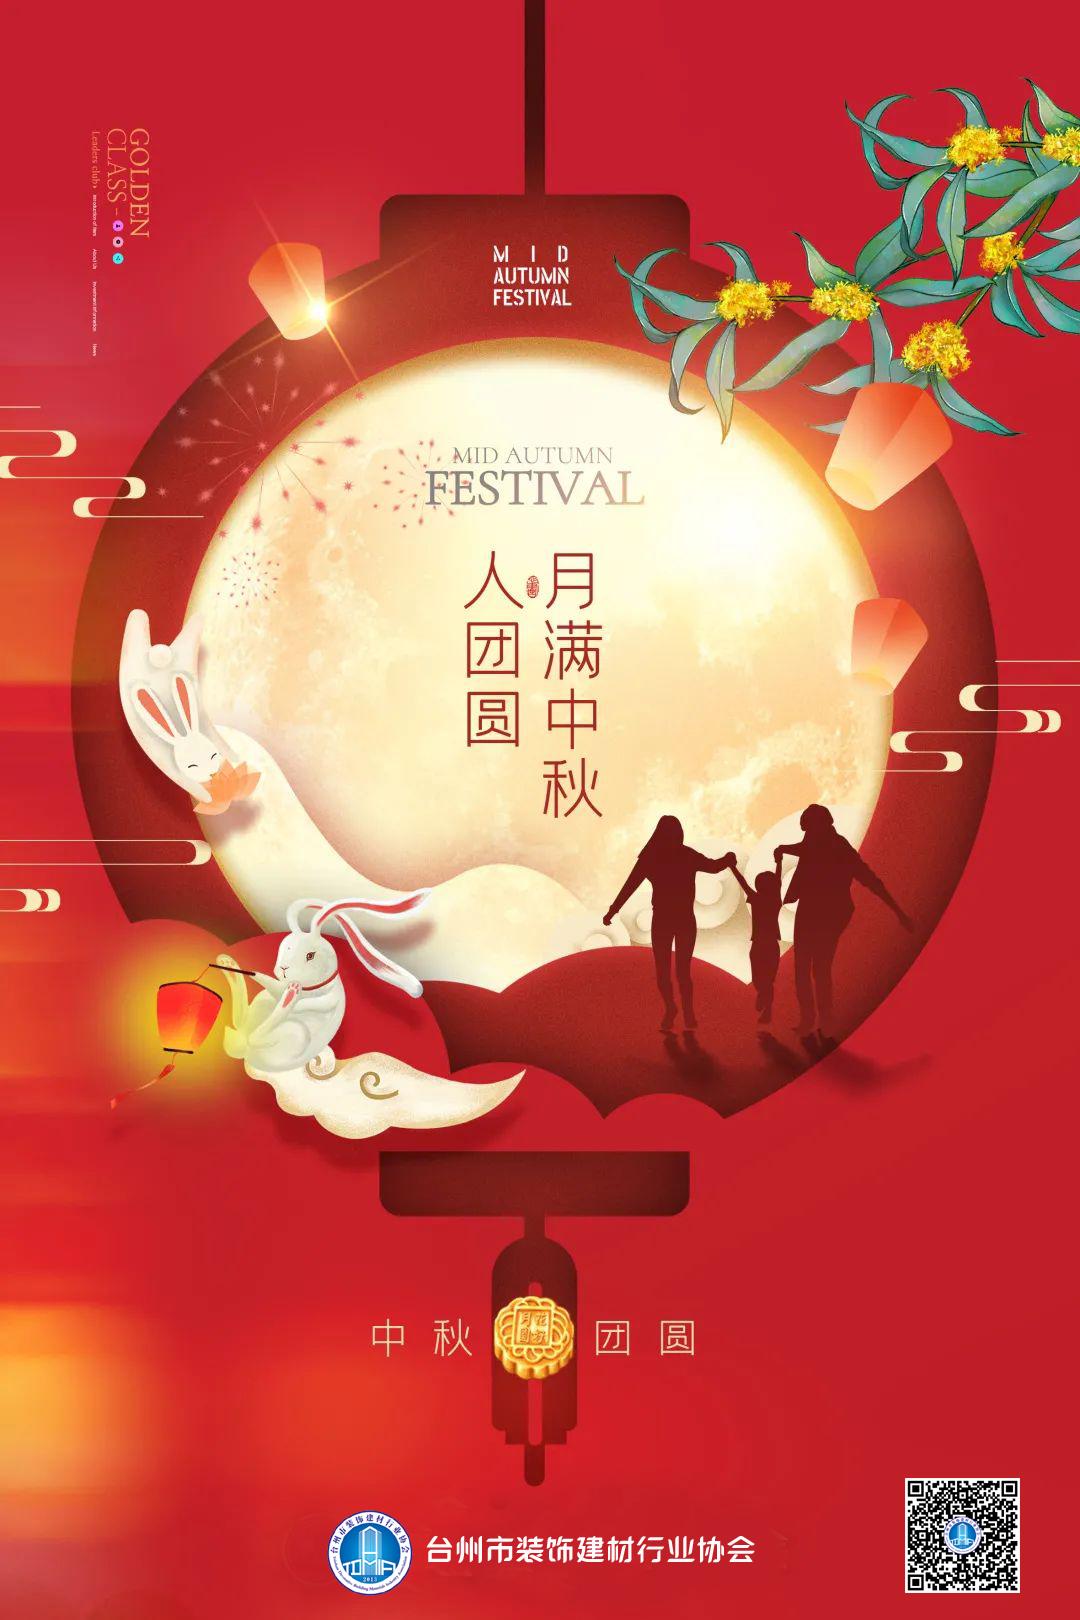 台州市装饰建材行业协会恭祝大家中秋节快乐!